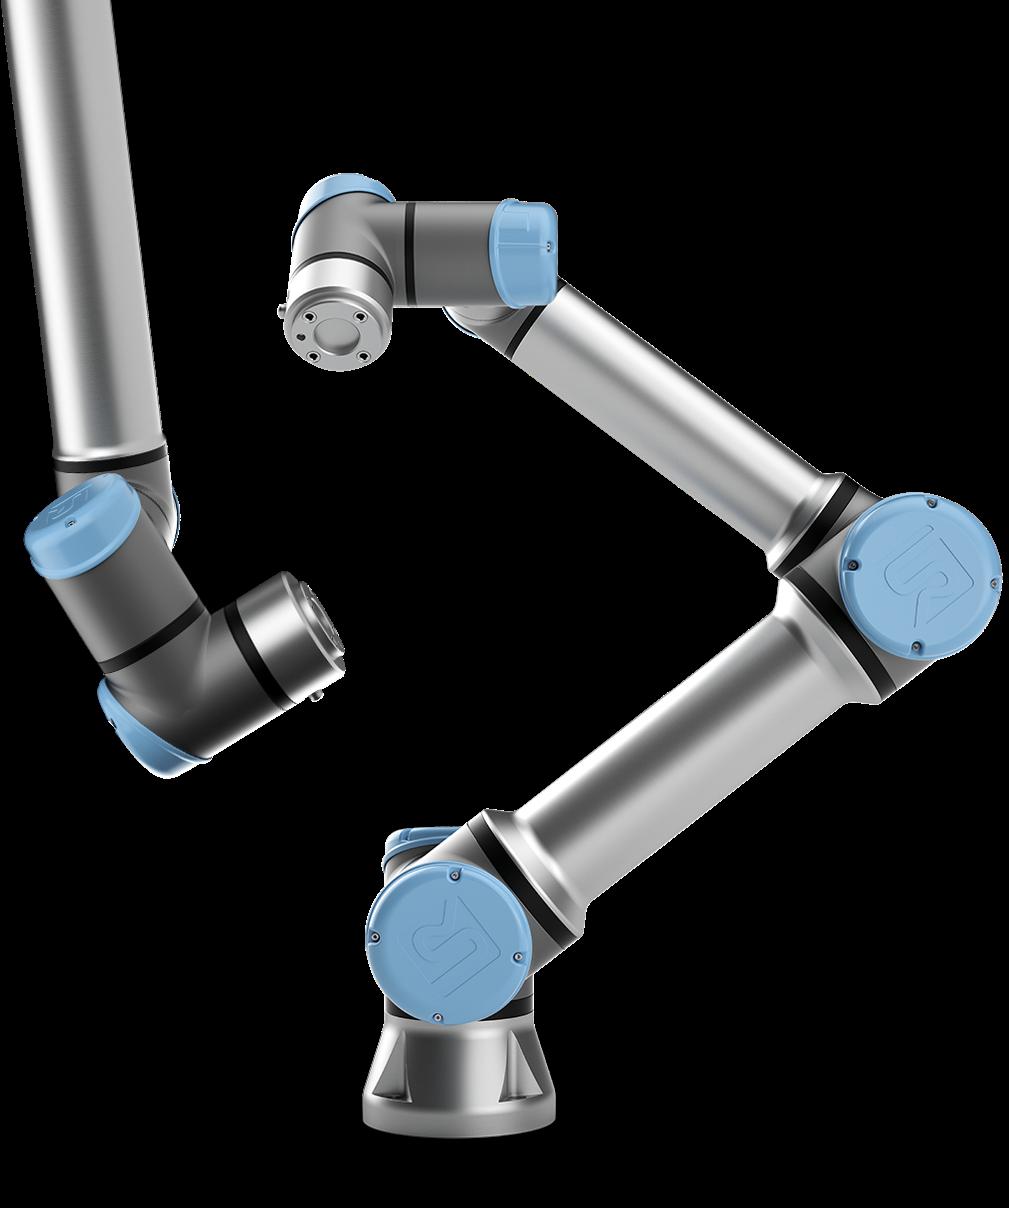 4年等待,优傲e系列打造全新协作机器人平台